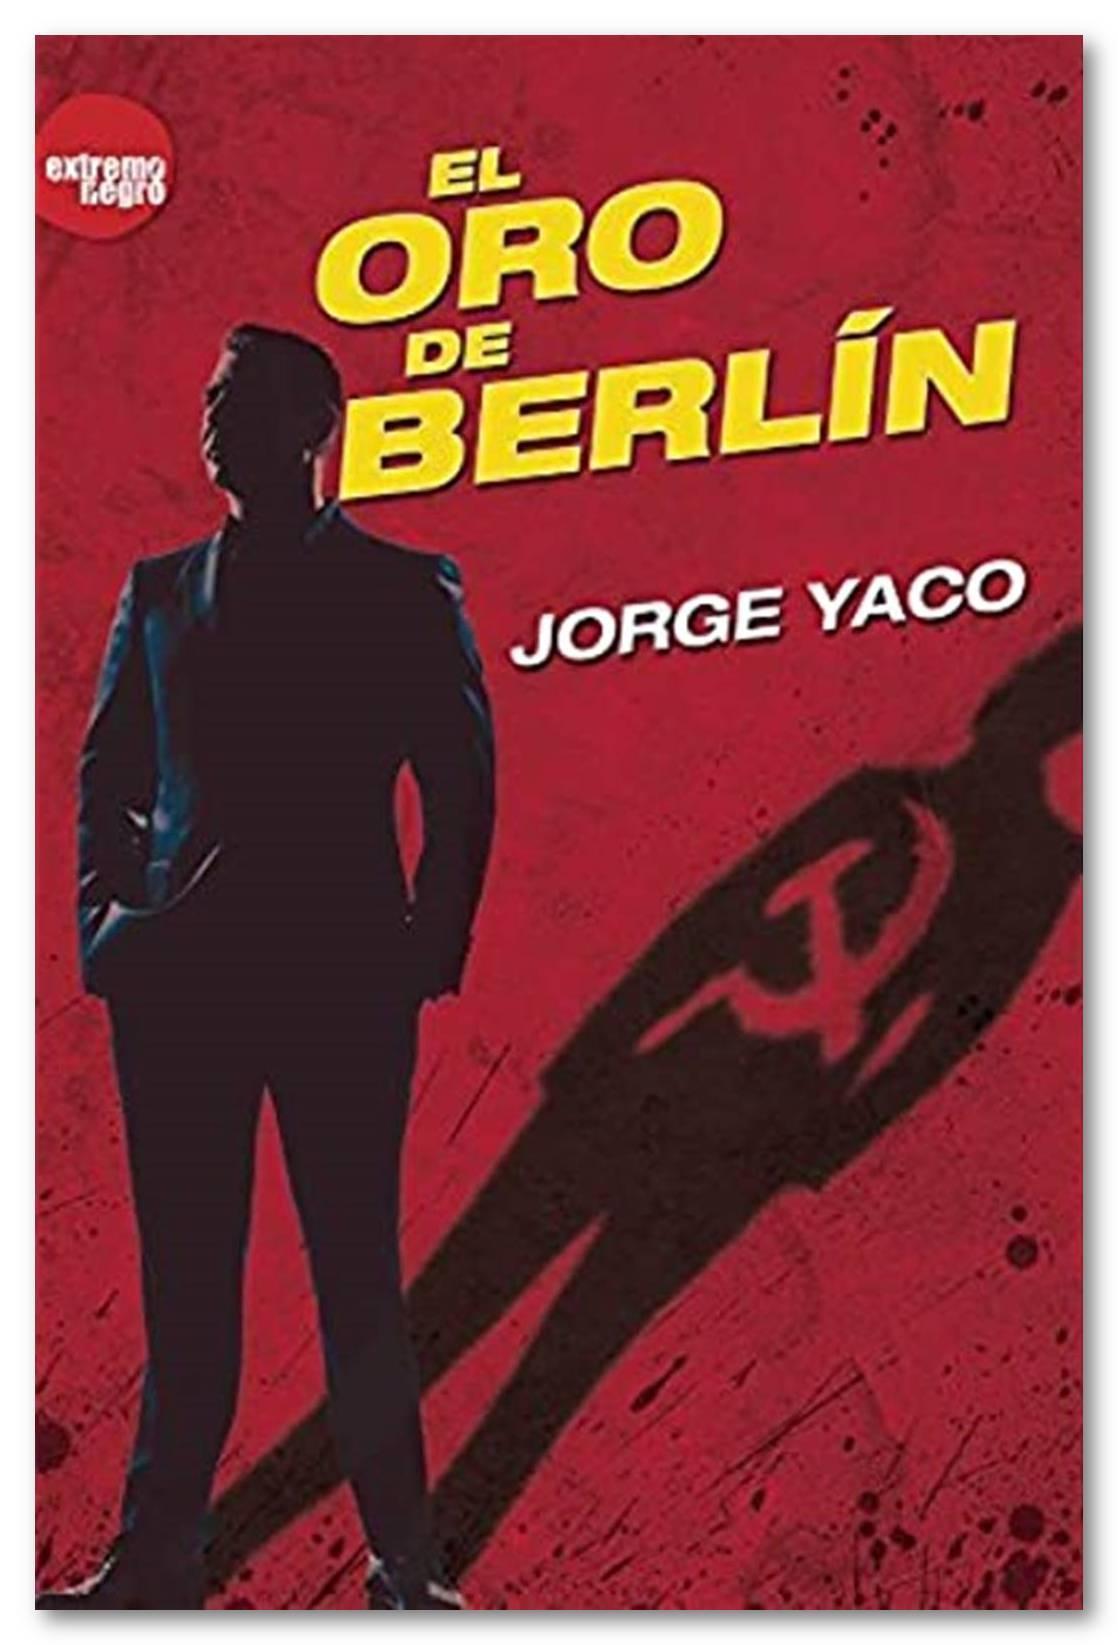 El oro de Berlín, Jorge Yaco